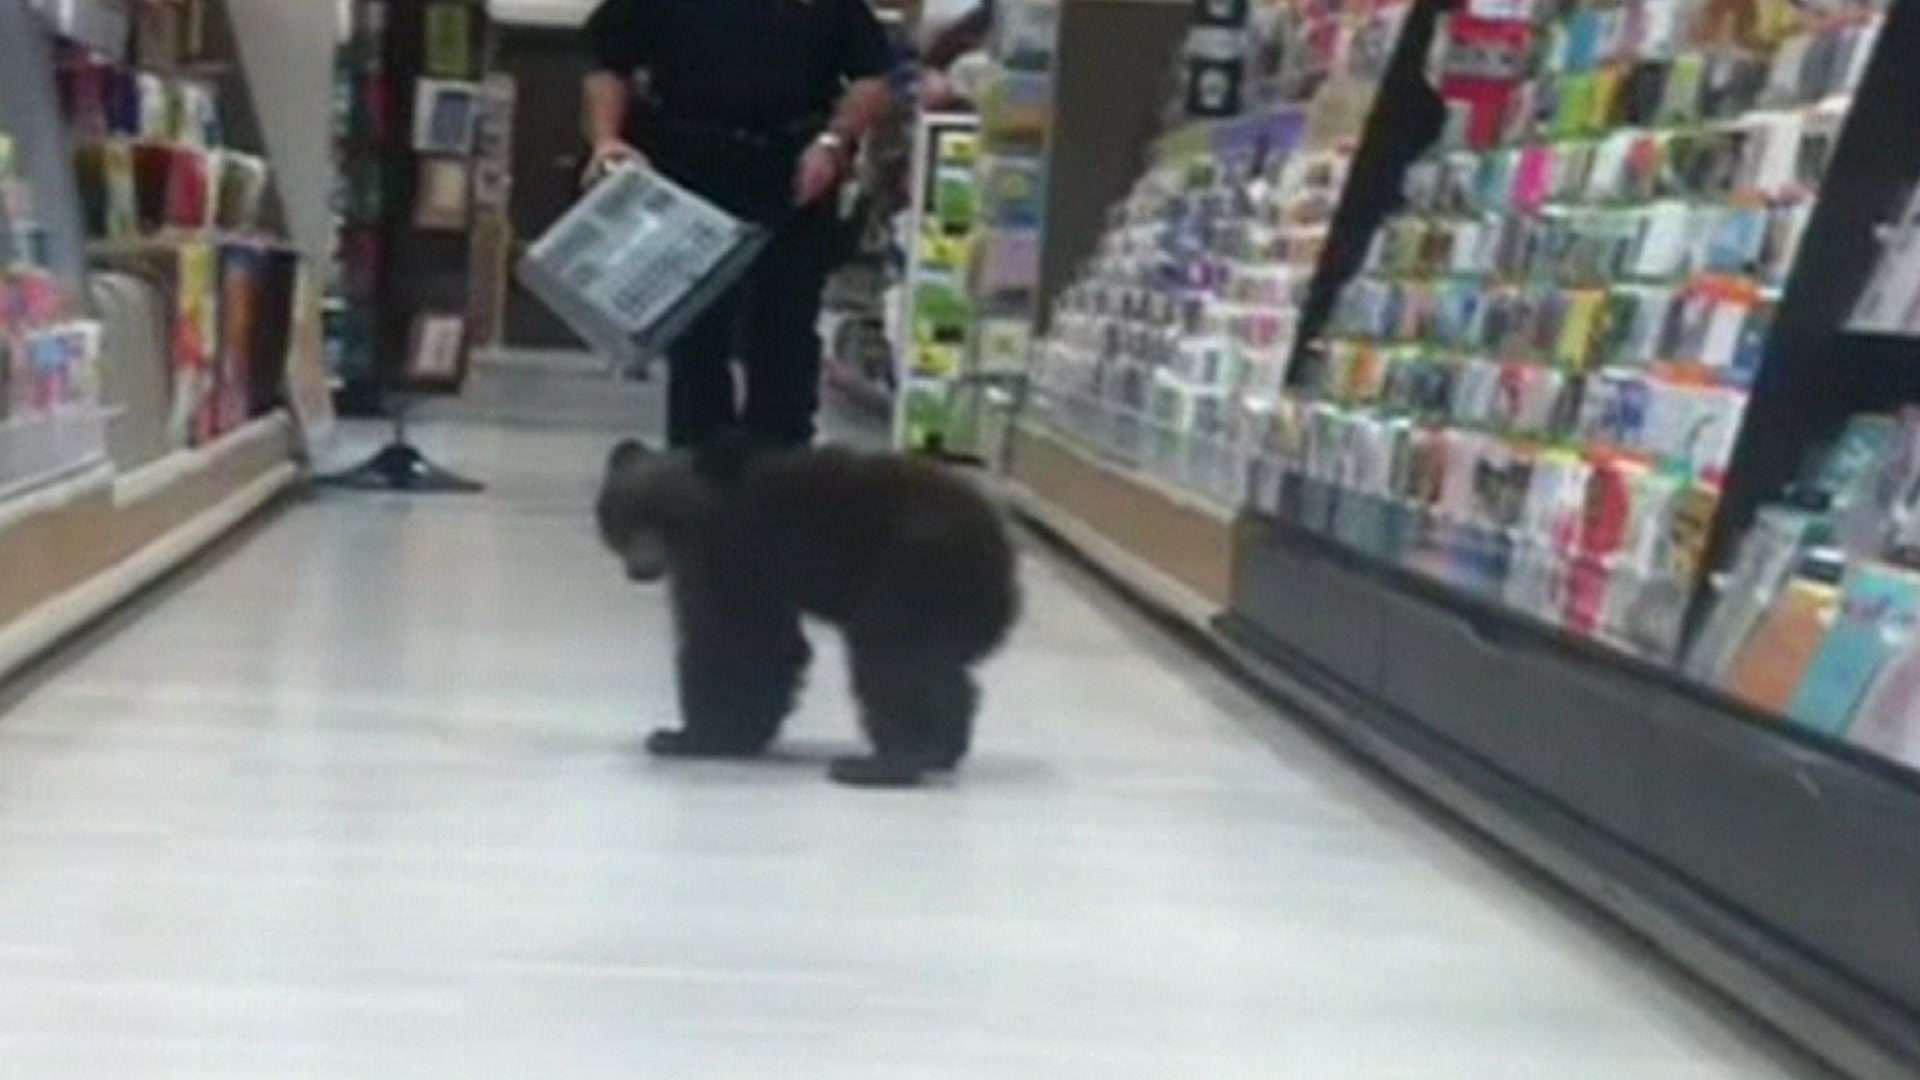 Filhote de urso invade loja nos EUA Foto: BBCBrasil.com